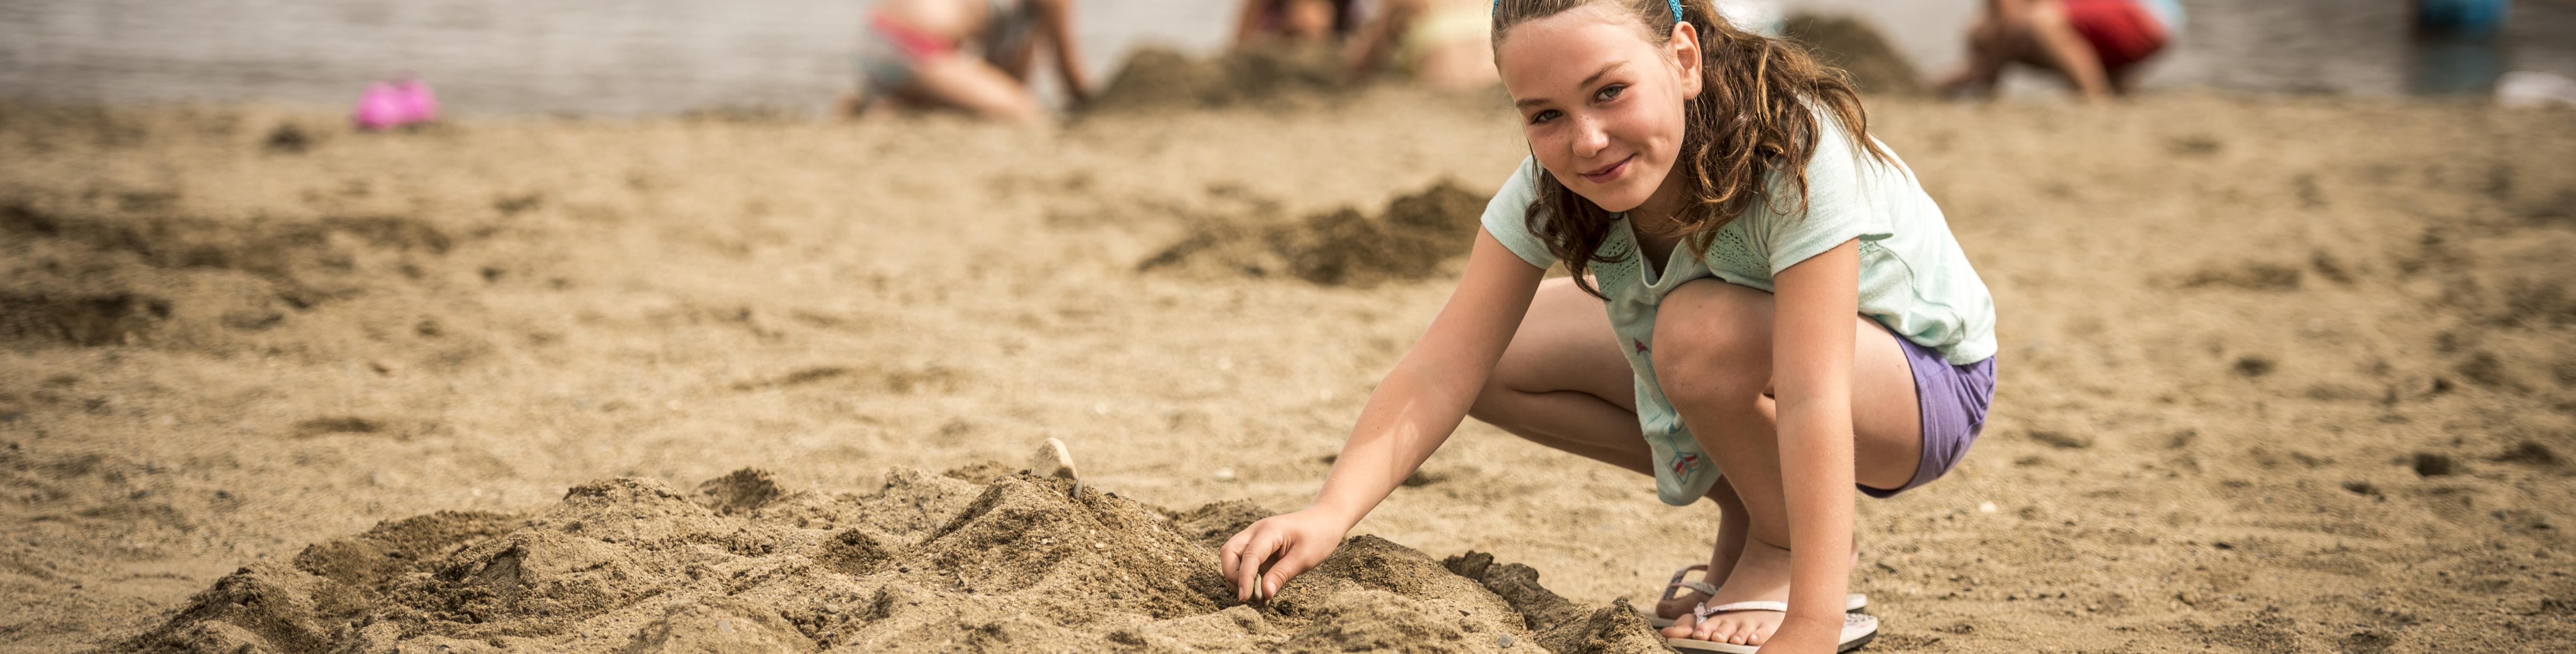 Plage Baie-des-sables